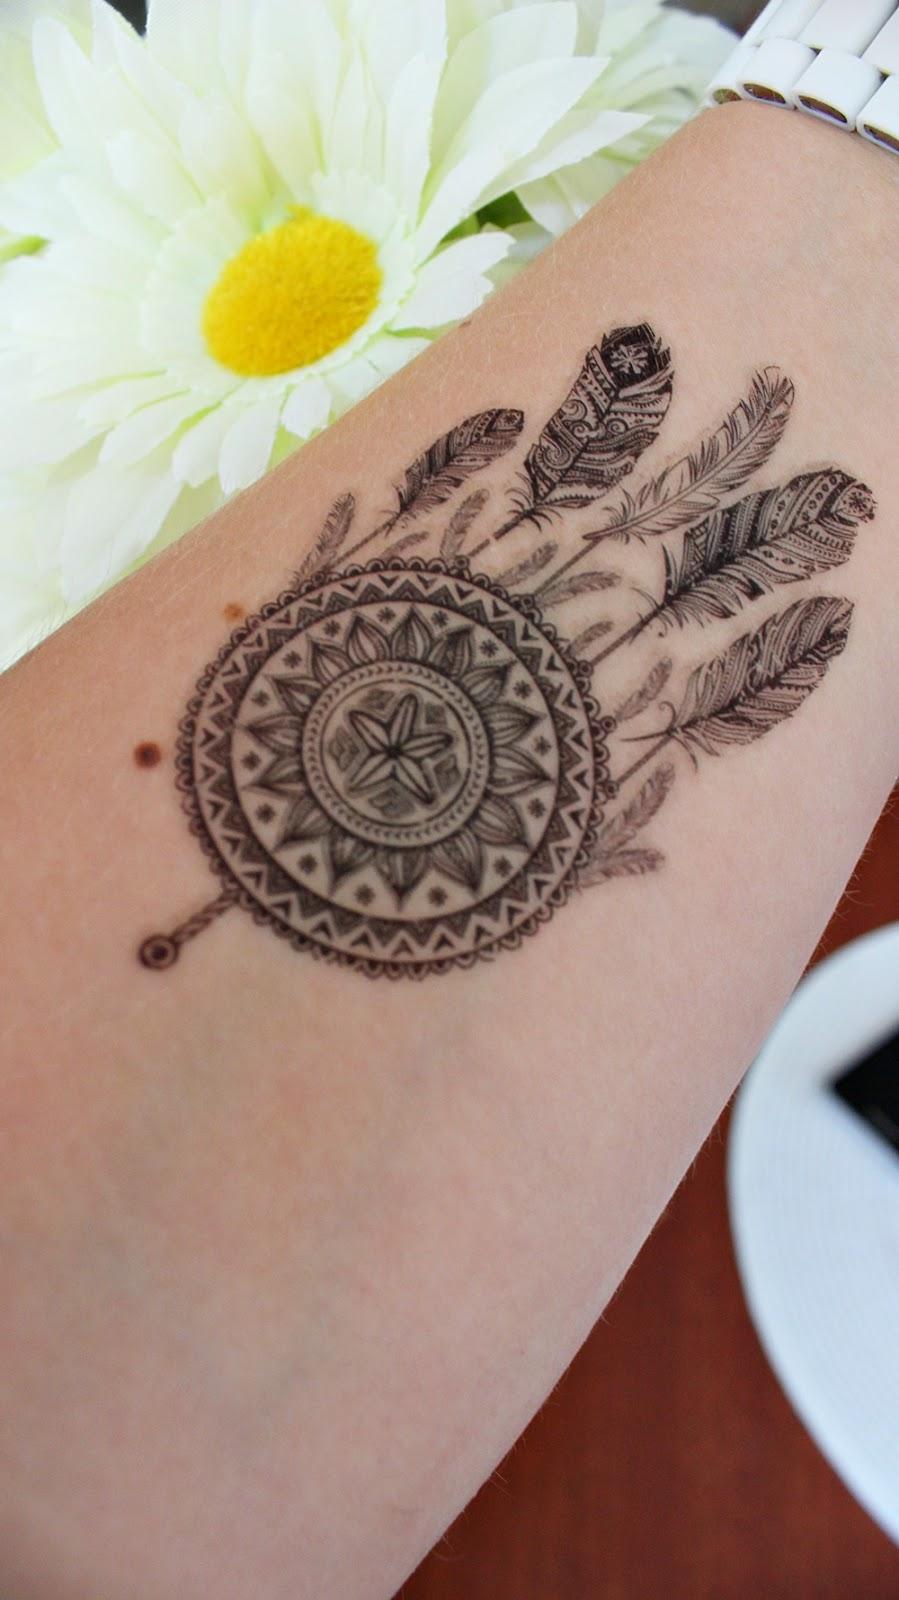 Udawany Tatuaż W Kilka Minut Zakochana W Kolorkach